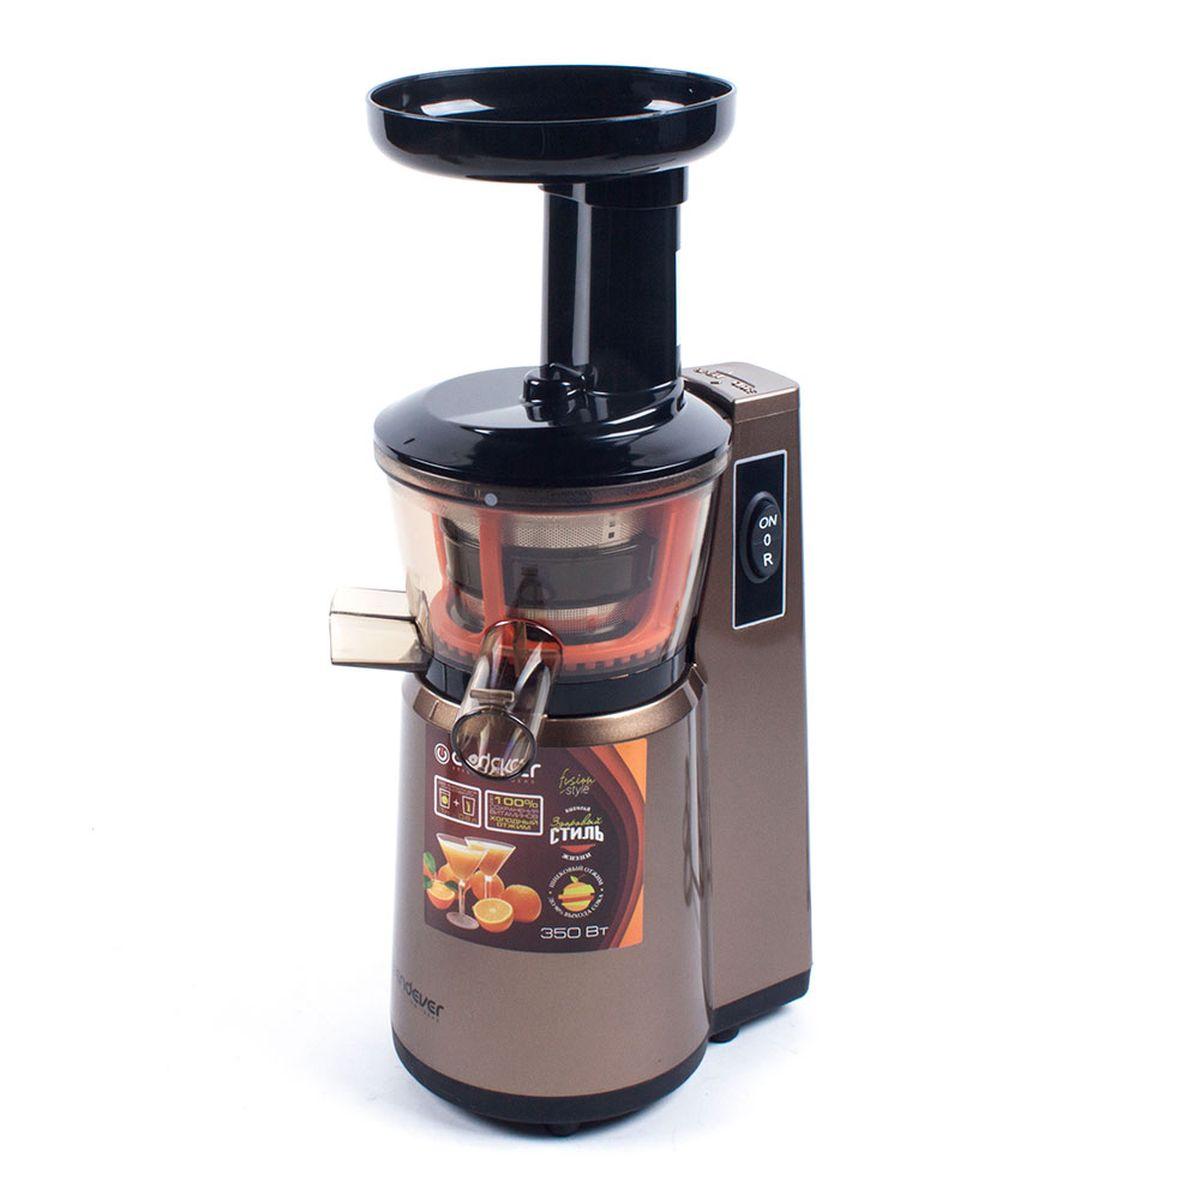 Endever Sigma-93 соковыжималкаSigma-93Шнековая соковыжималка Endever Sigma-93 позволяет отжимать максимально возможное количество сока из фруктов, ягод, овощей и зелени с сохранением всех полезных компонентов. В отличие от обычной центробежной высокоскоростной соковыжималки, шнековая соковыжималка Endever потребляет всего 350 Вт. При этом, модель Sigma-93 отжимает сок так же быстро и аккуратно, не разрушая естественные питательные вещества и сохраняя пищевую ценность продуктов. Холодный прессовый отжим Функция реверс Удобная прозрачная емкость для сока